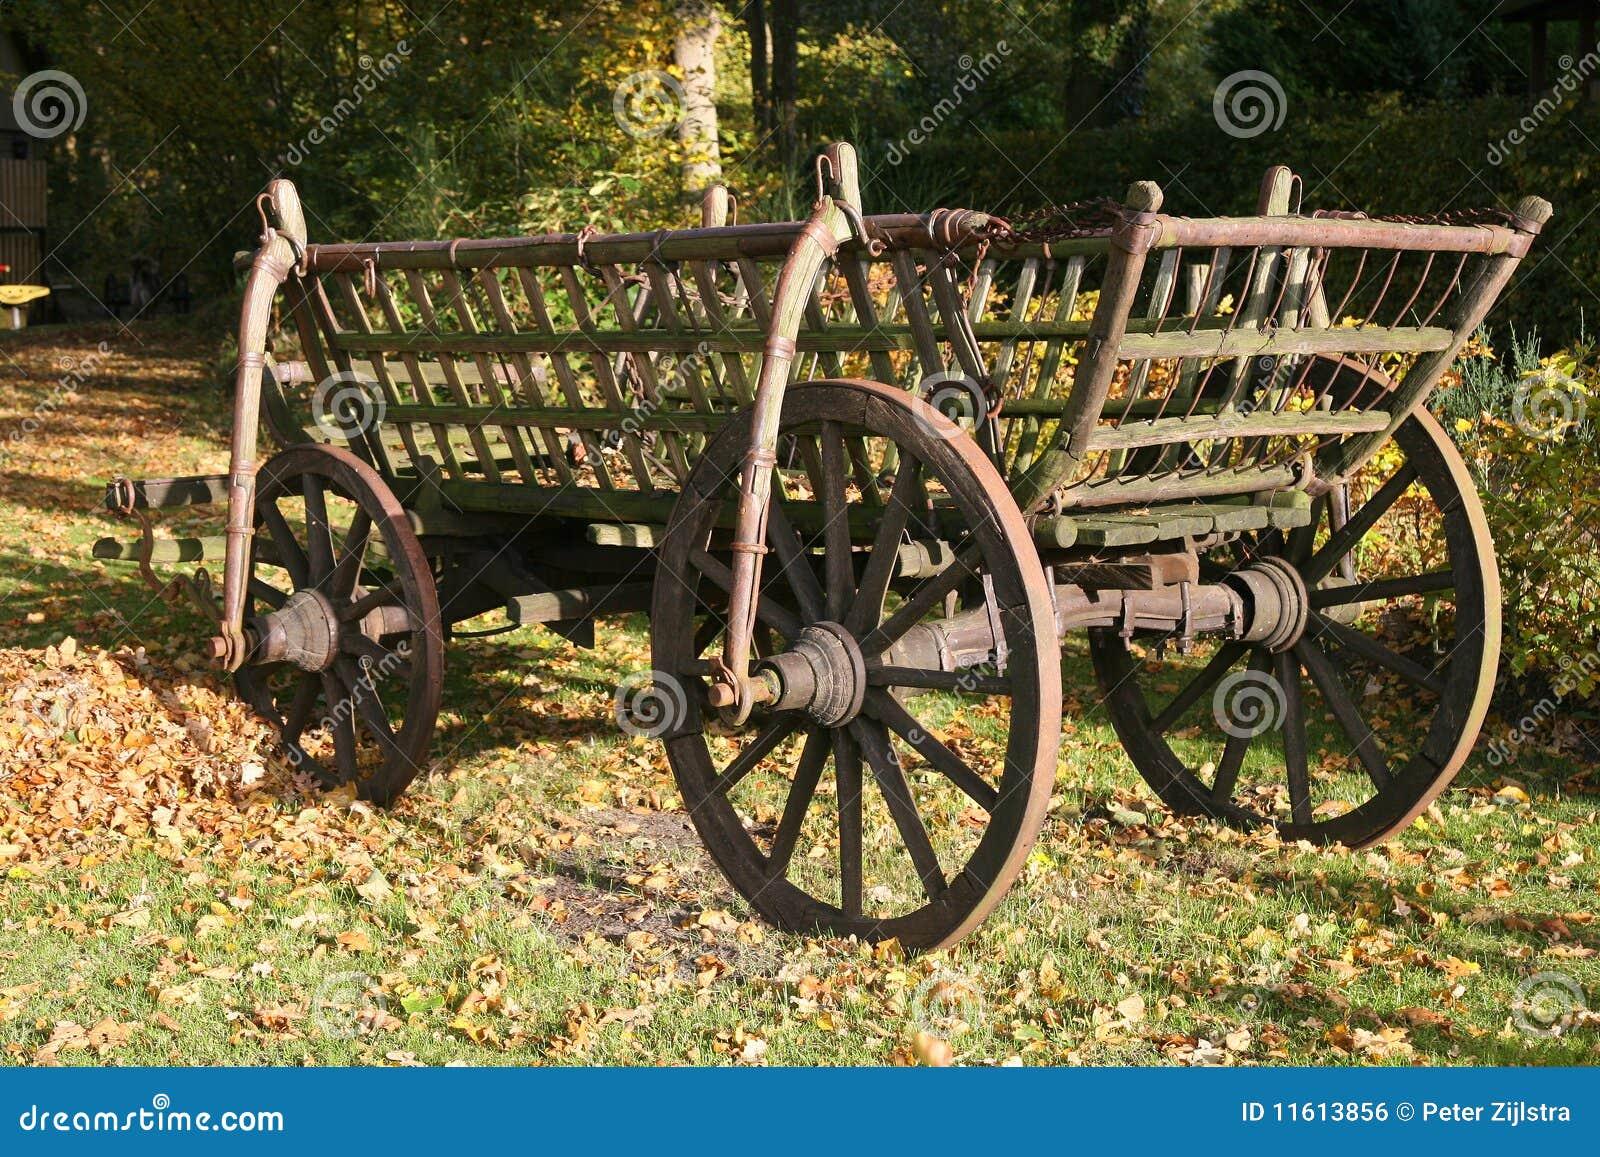 chariot en bois de foin image libre de droits image 11613856. Black Bedroom Furniture Sets. Home Design Ideas